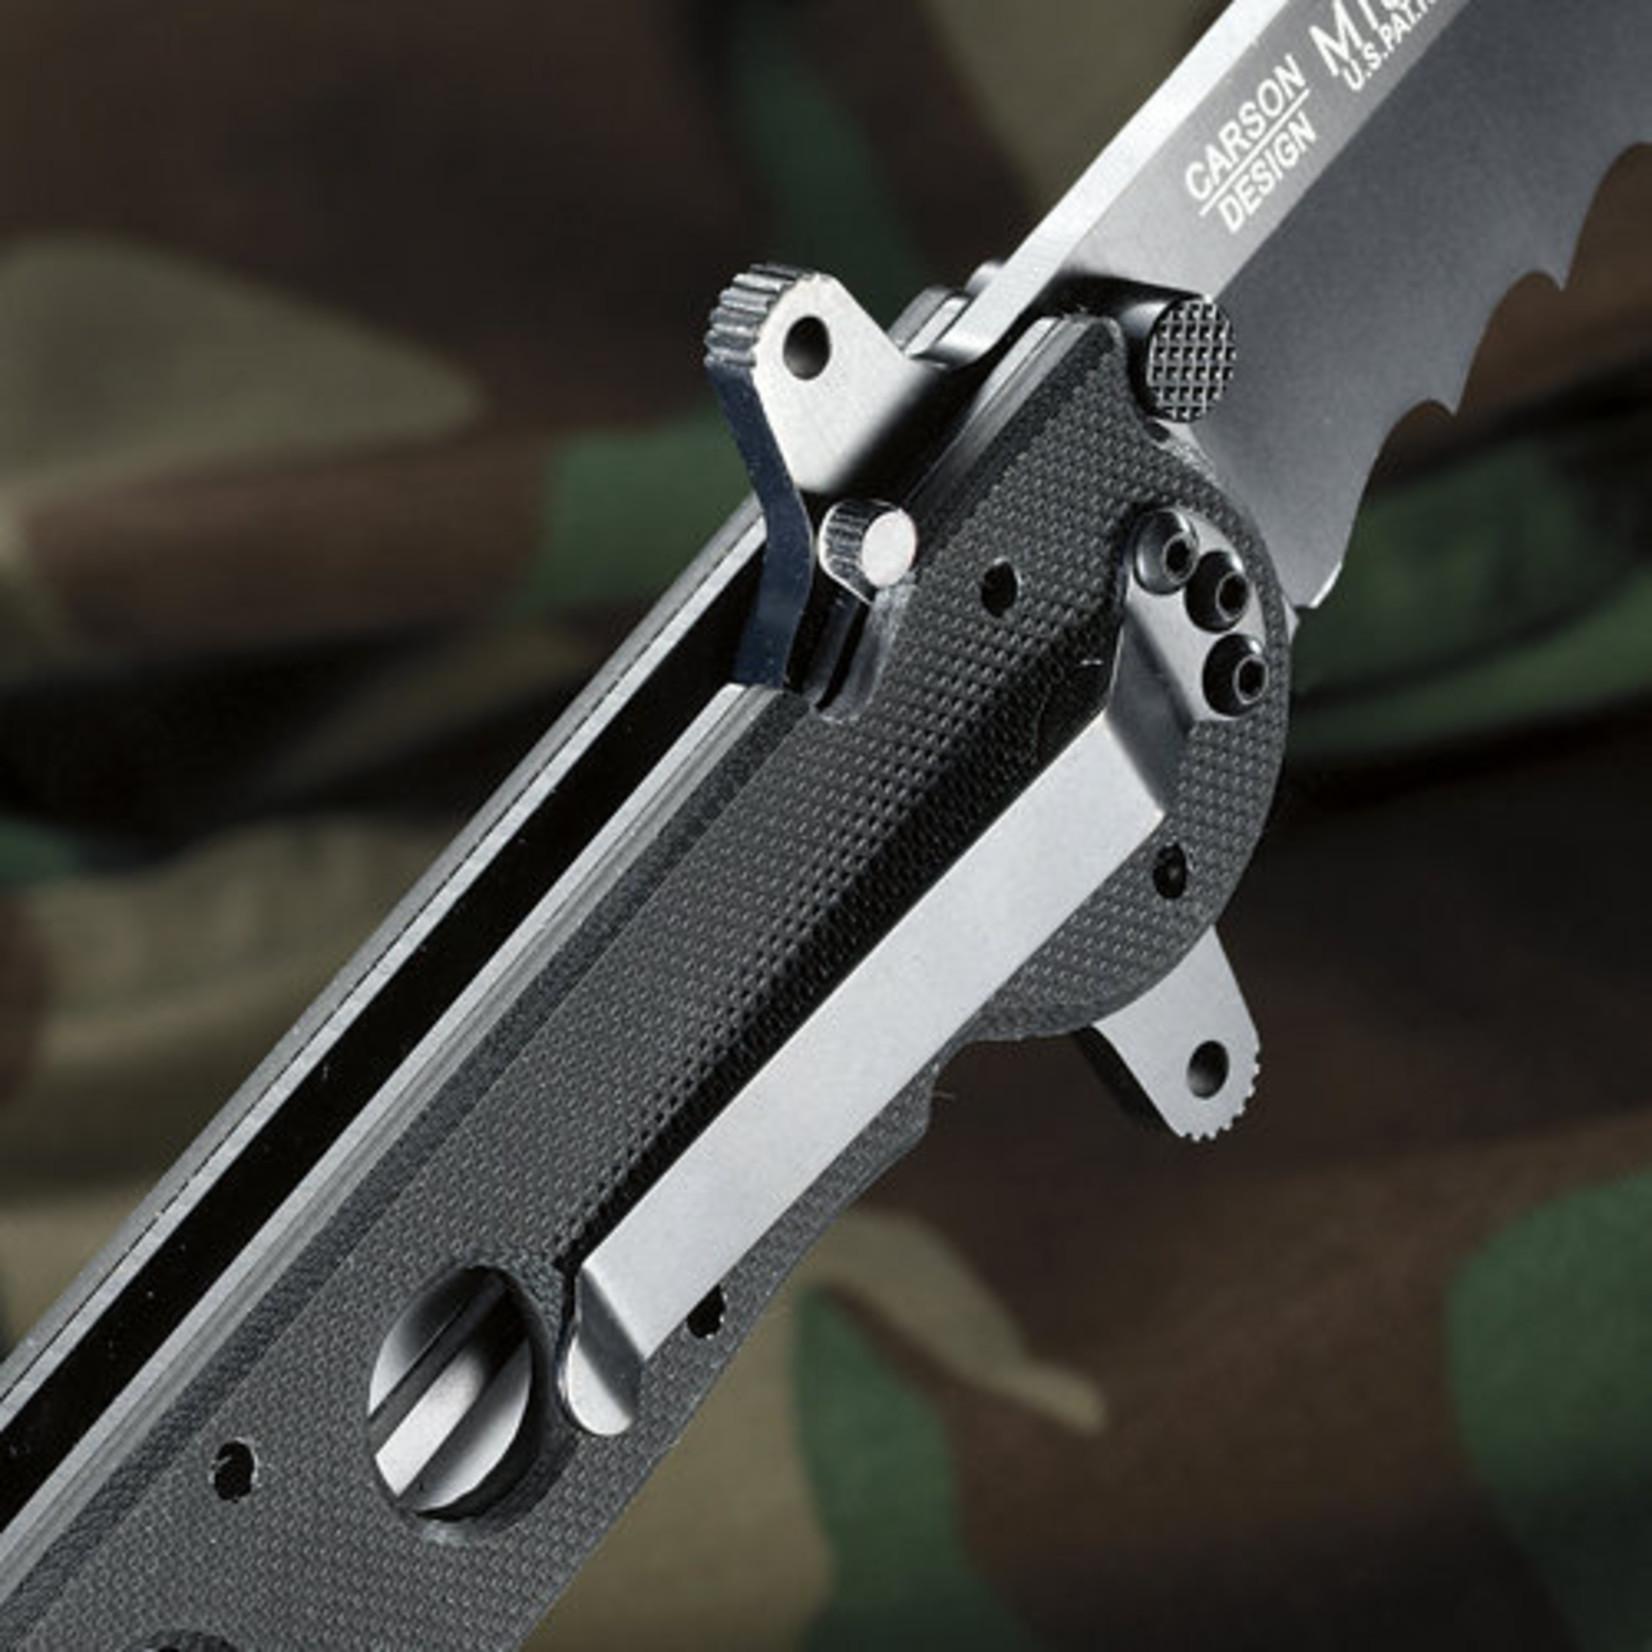 CRKT CRKT M16-14SFG G10 kartel